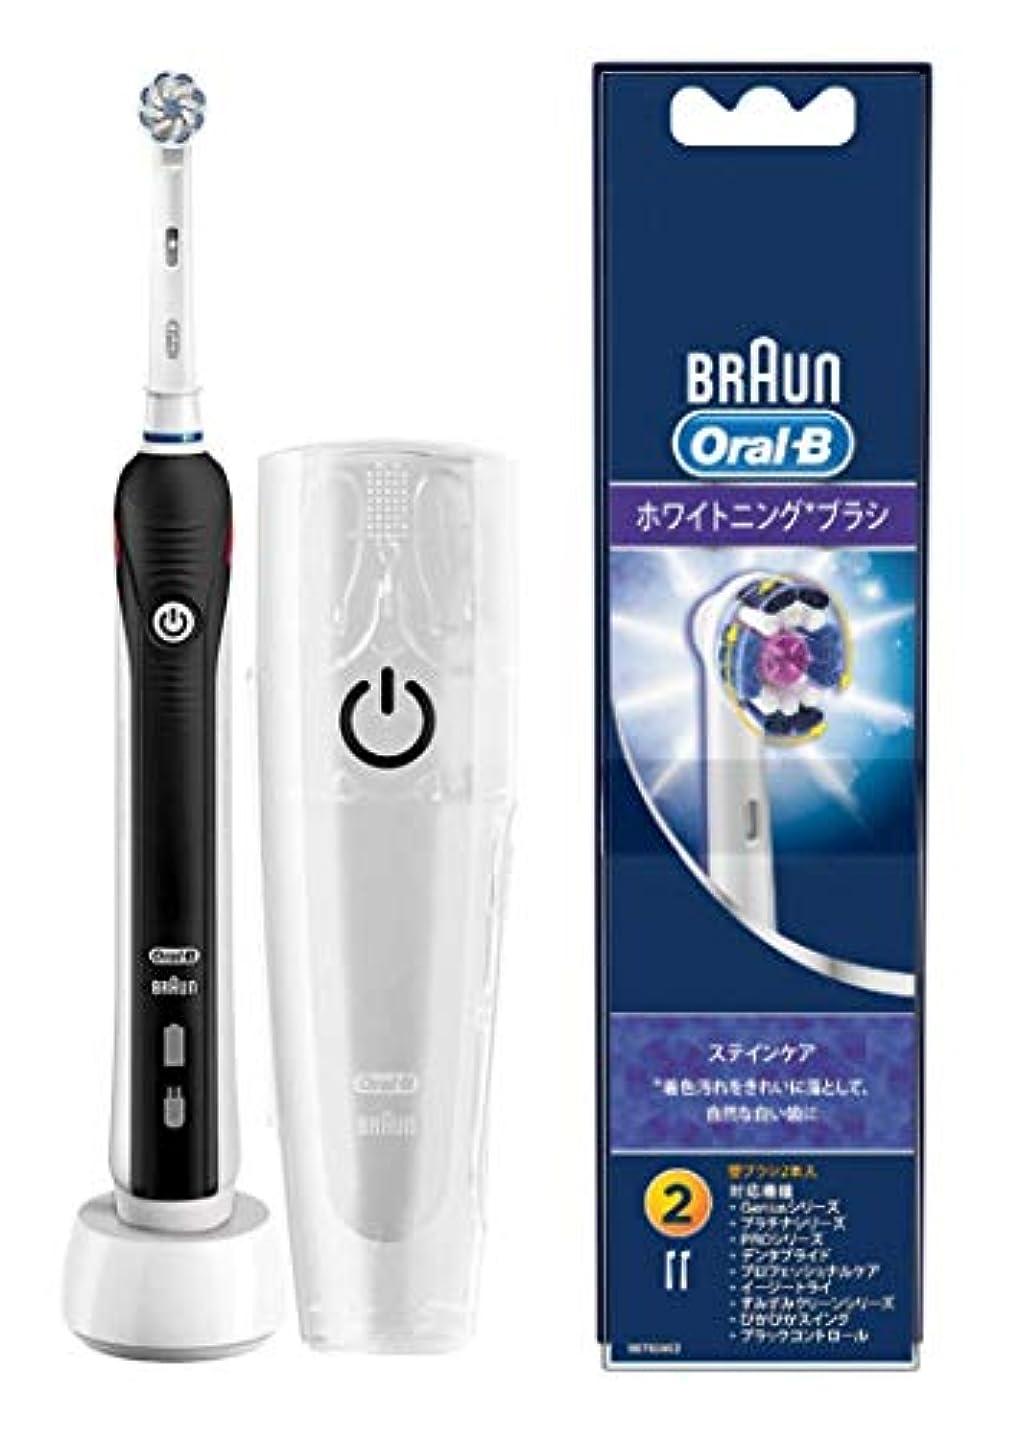 干渉する密輸あいまいさ【セット販売】ブラウン オーラルB 電動歯ブラシ PRO2000 ブラック ホワイトニングブラシ(2本入)セット